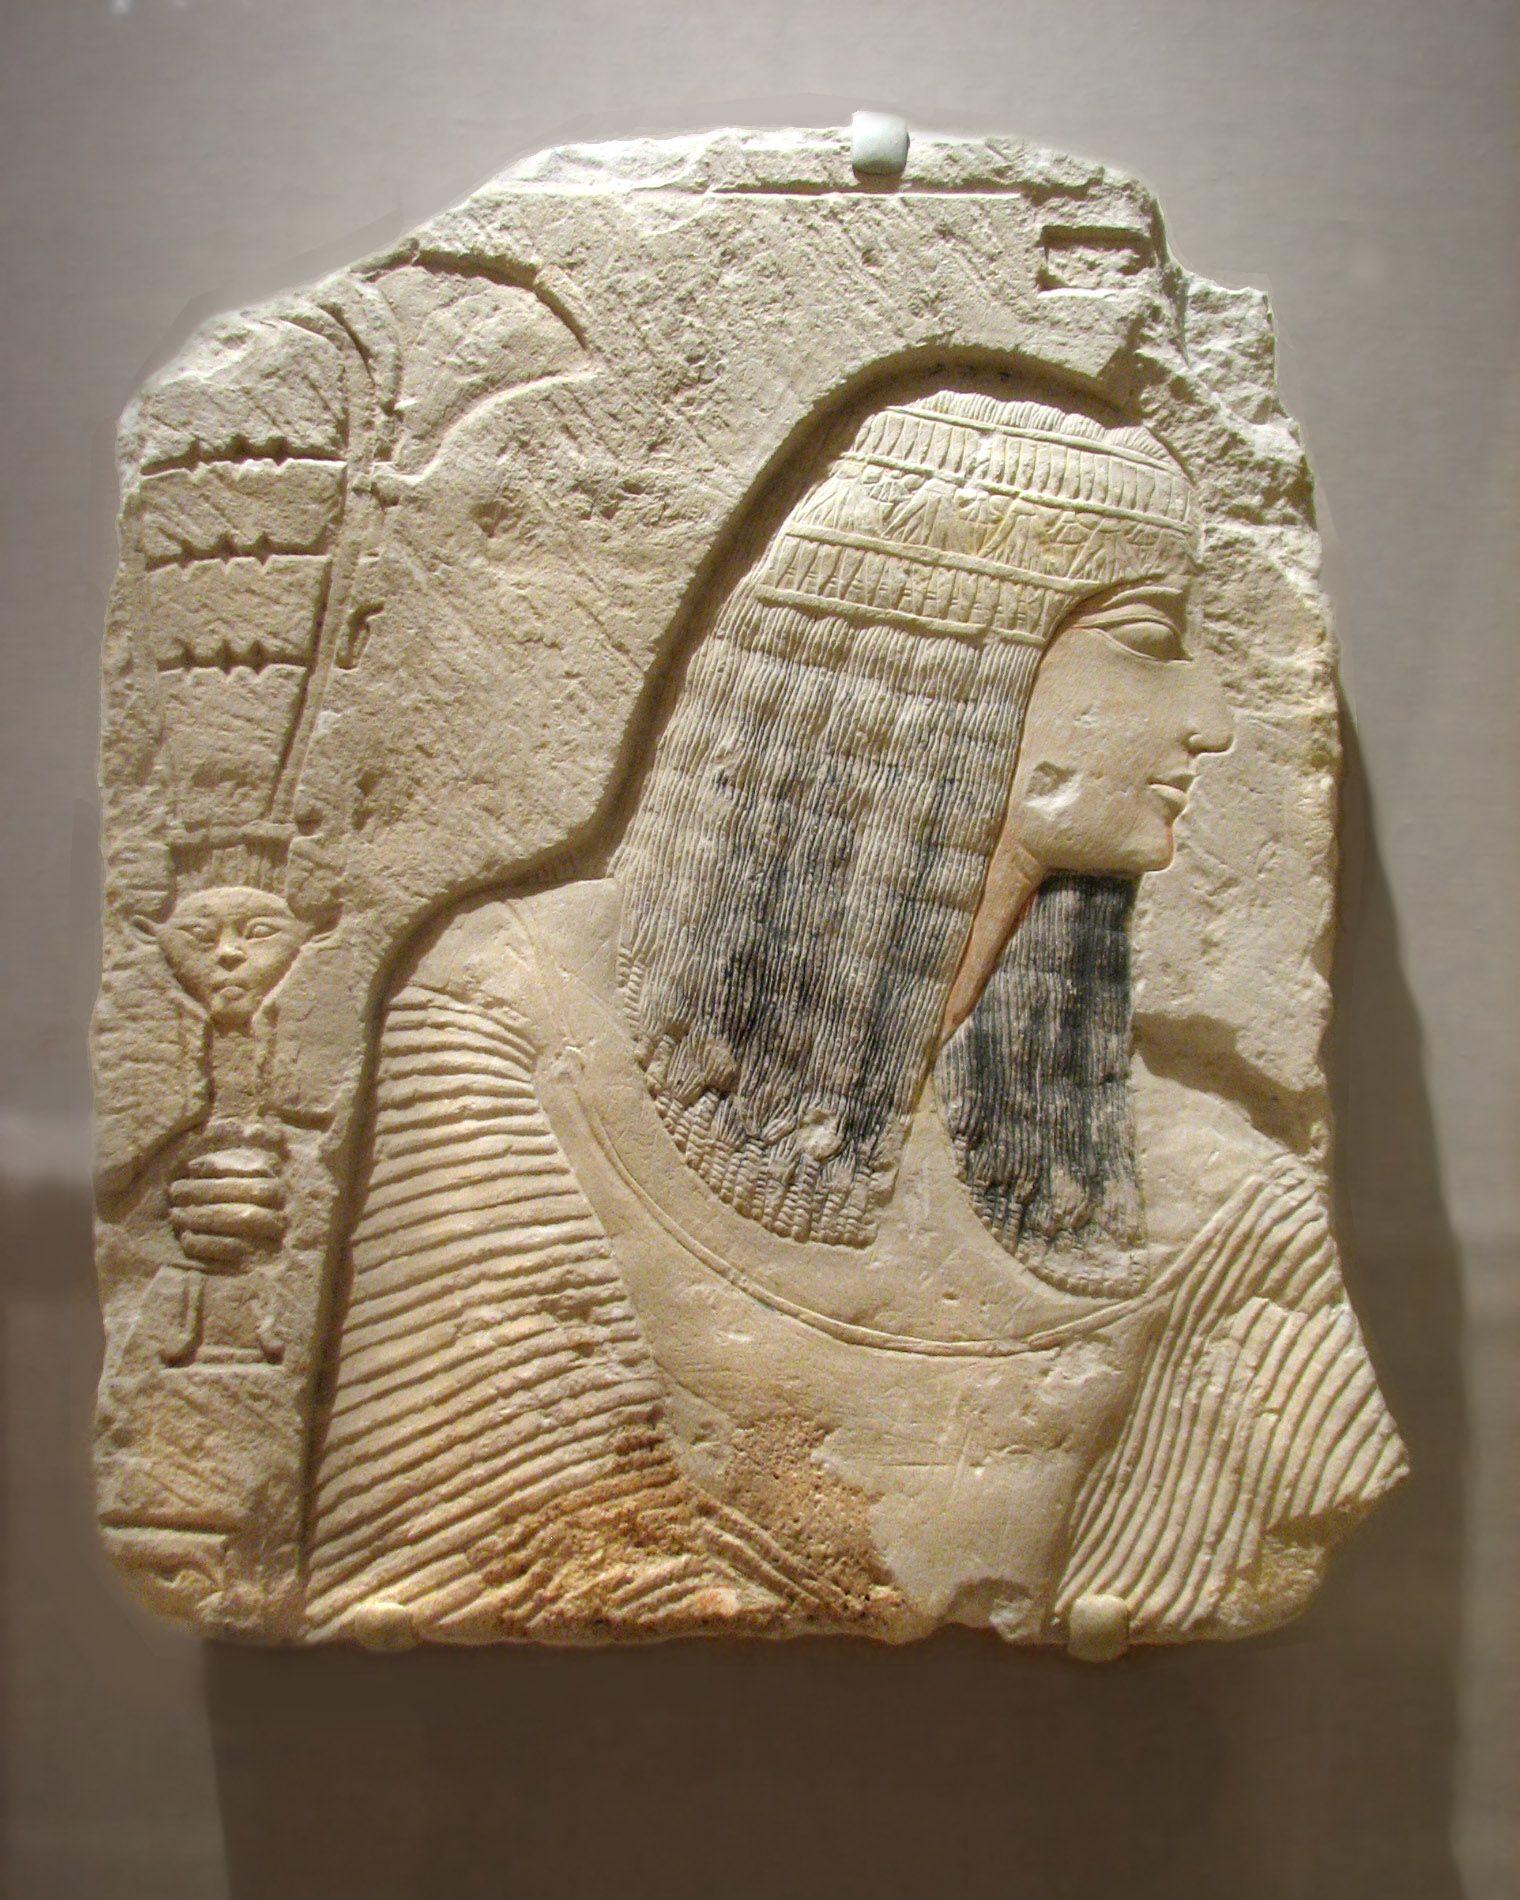 артефакты древнего египта фото название, самых популярных